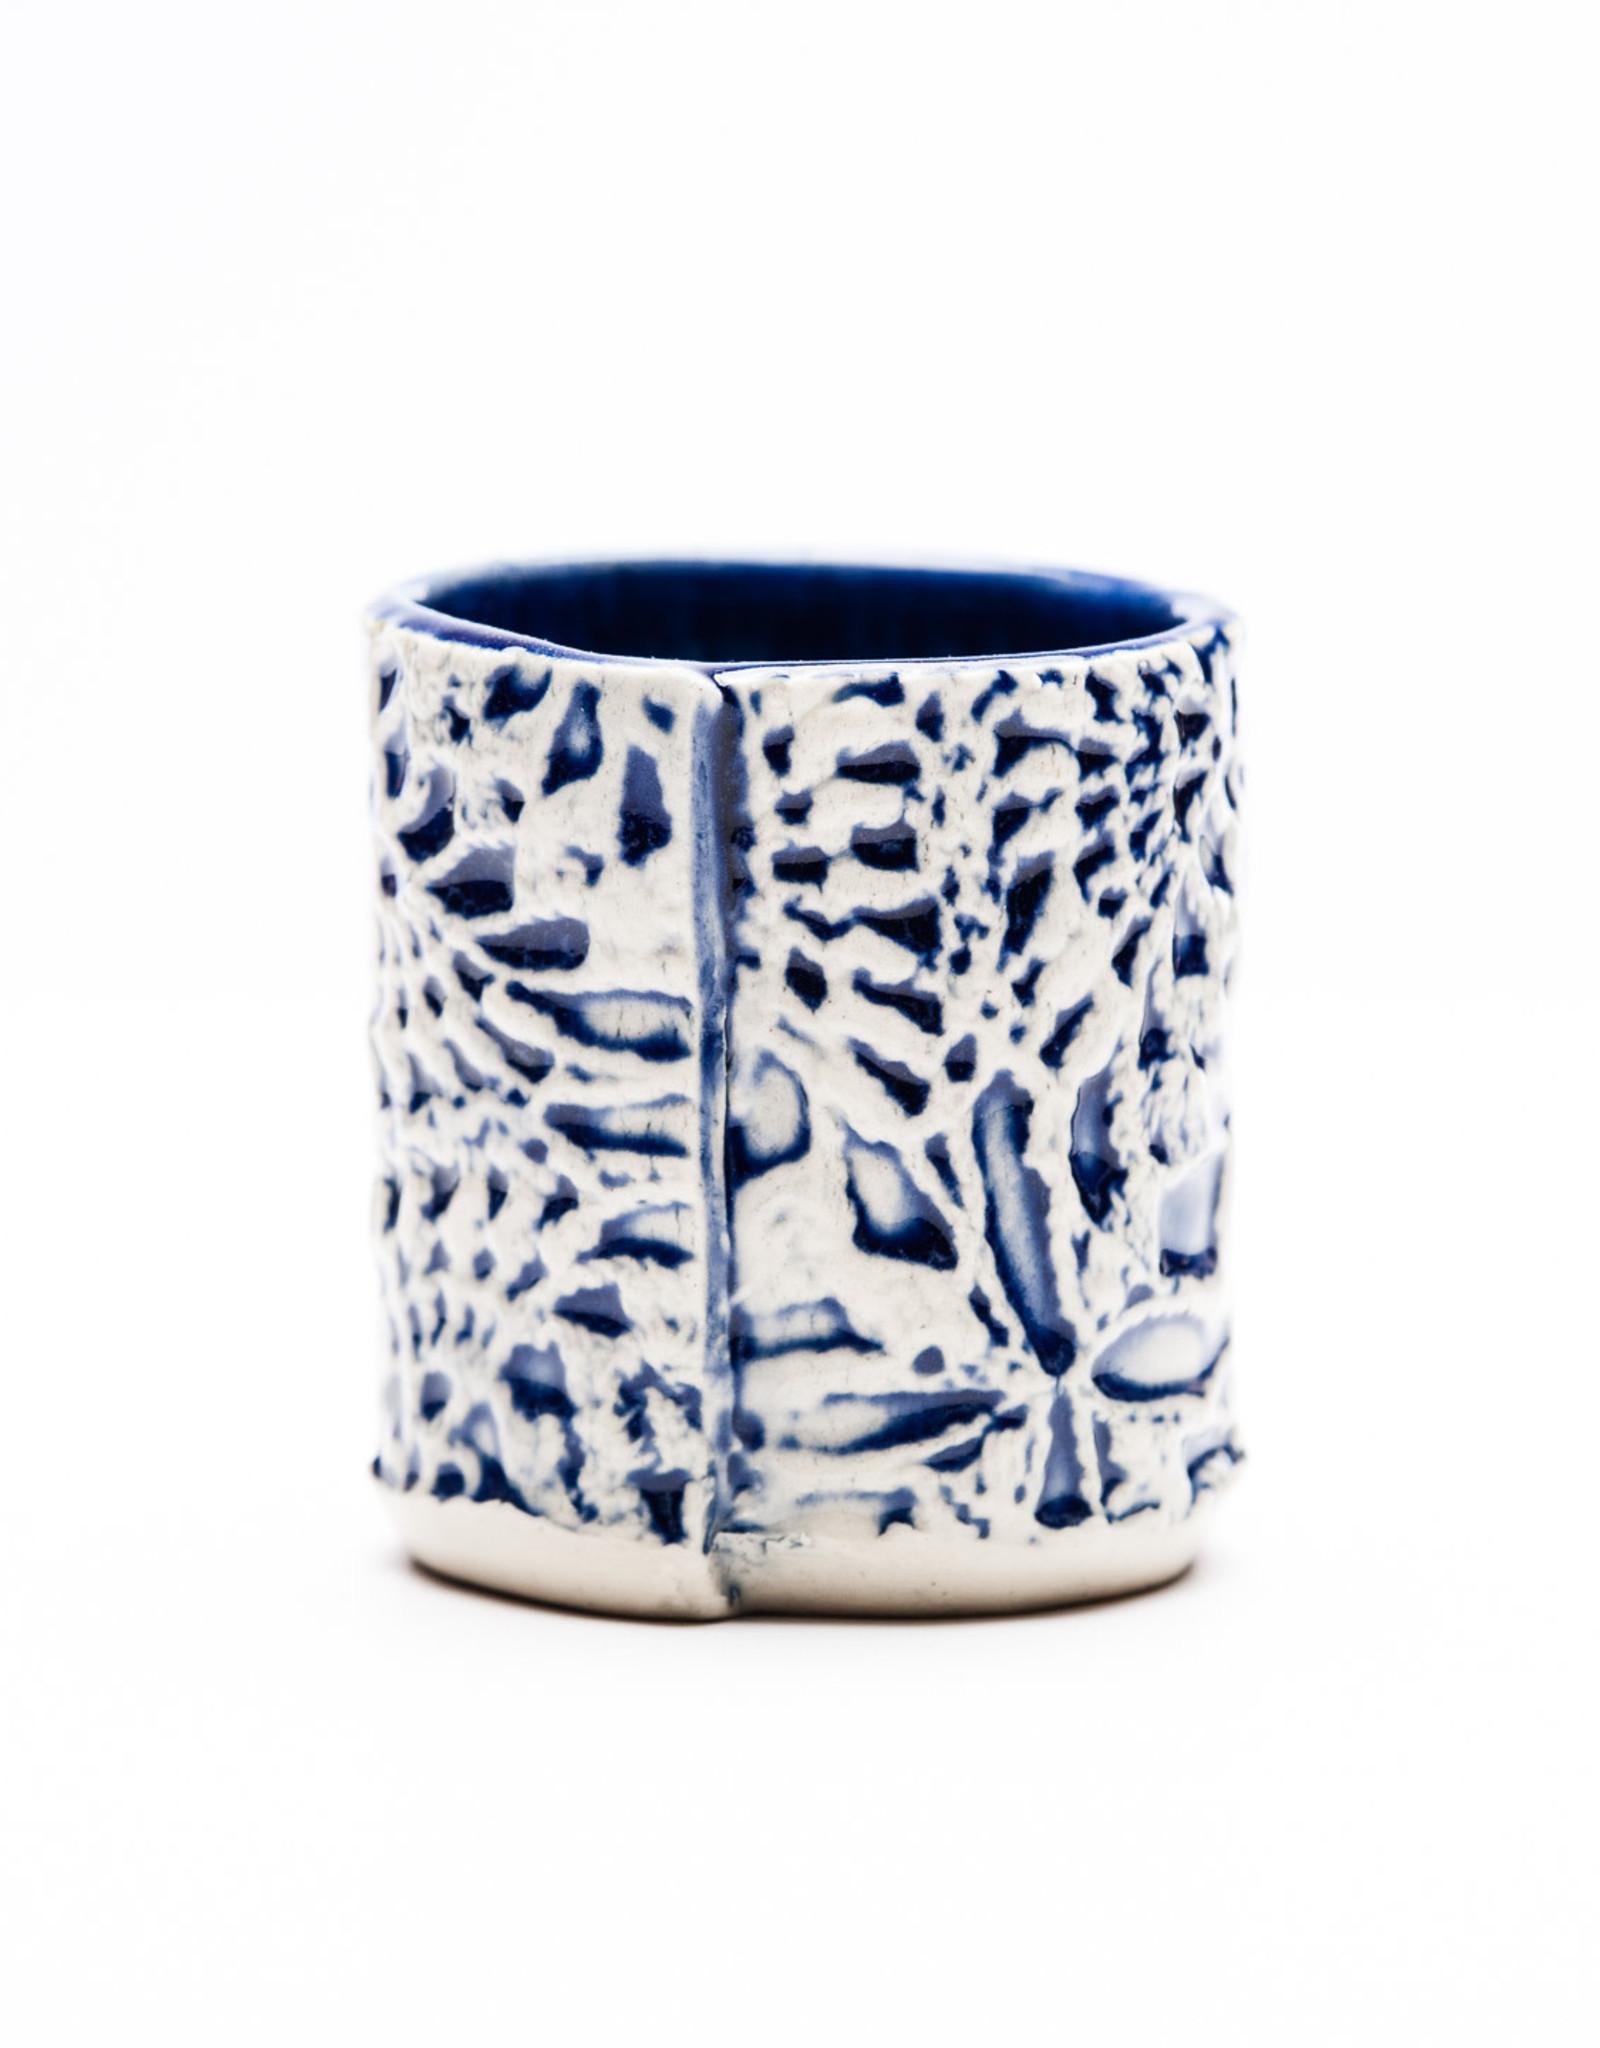 Yokky Wong Knitwork Small Cup